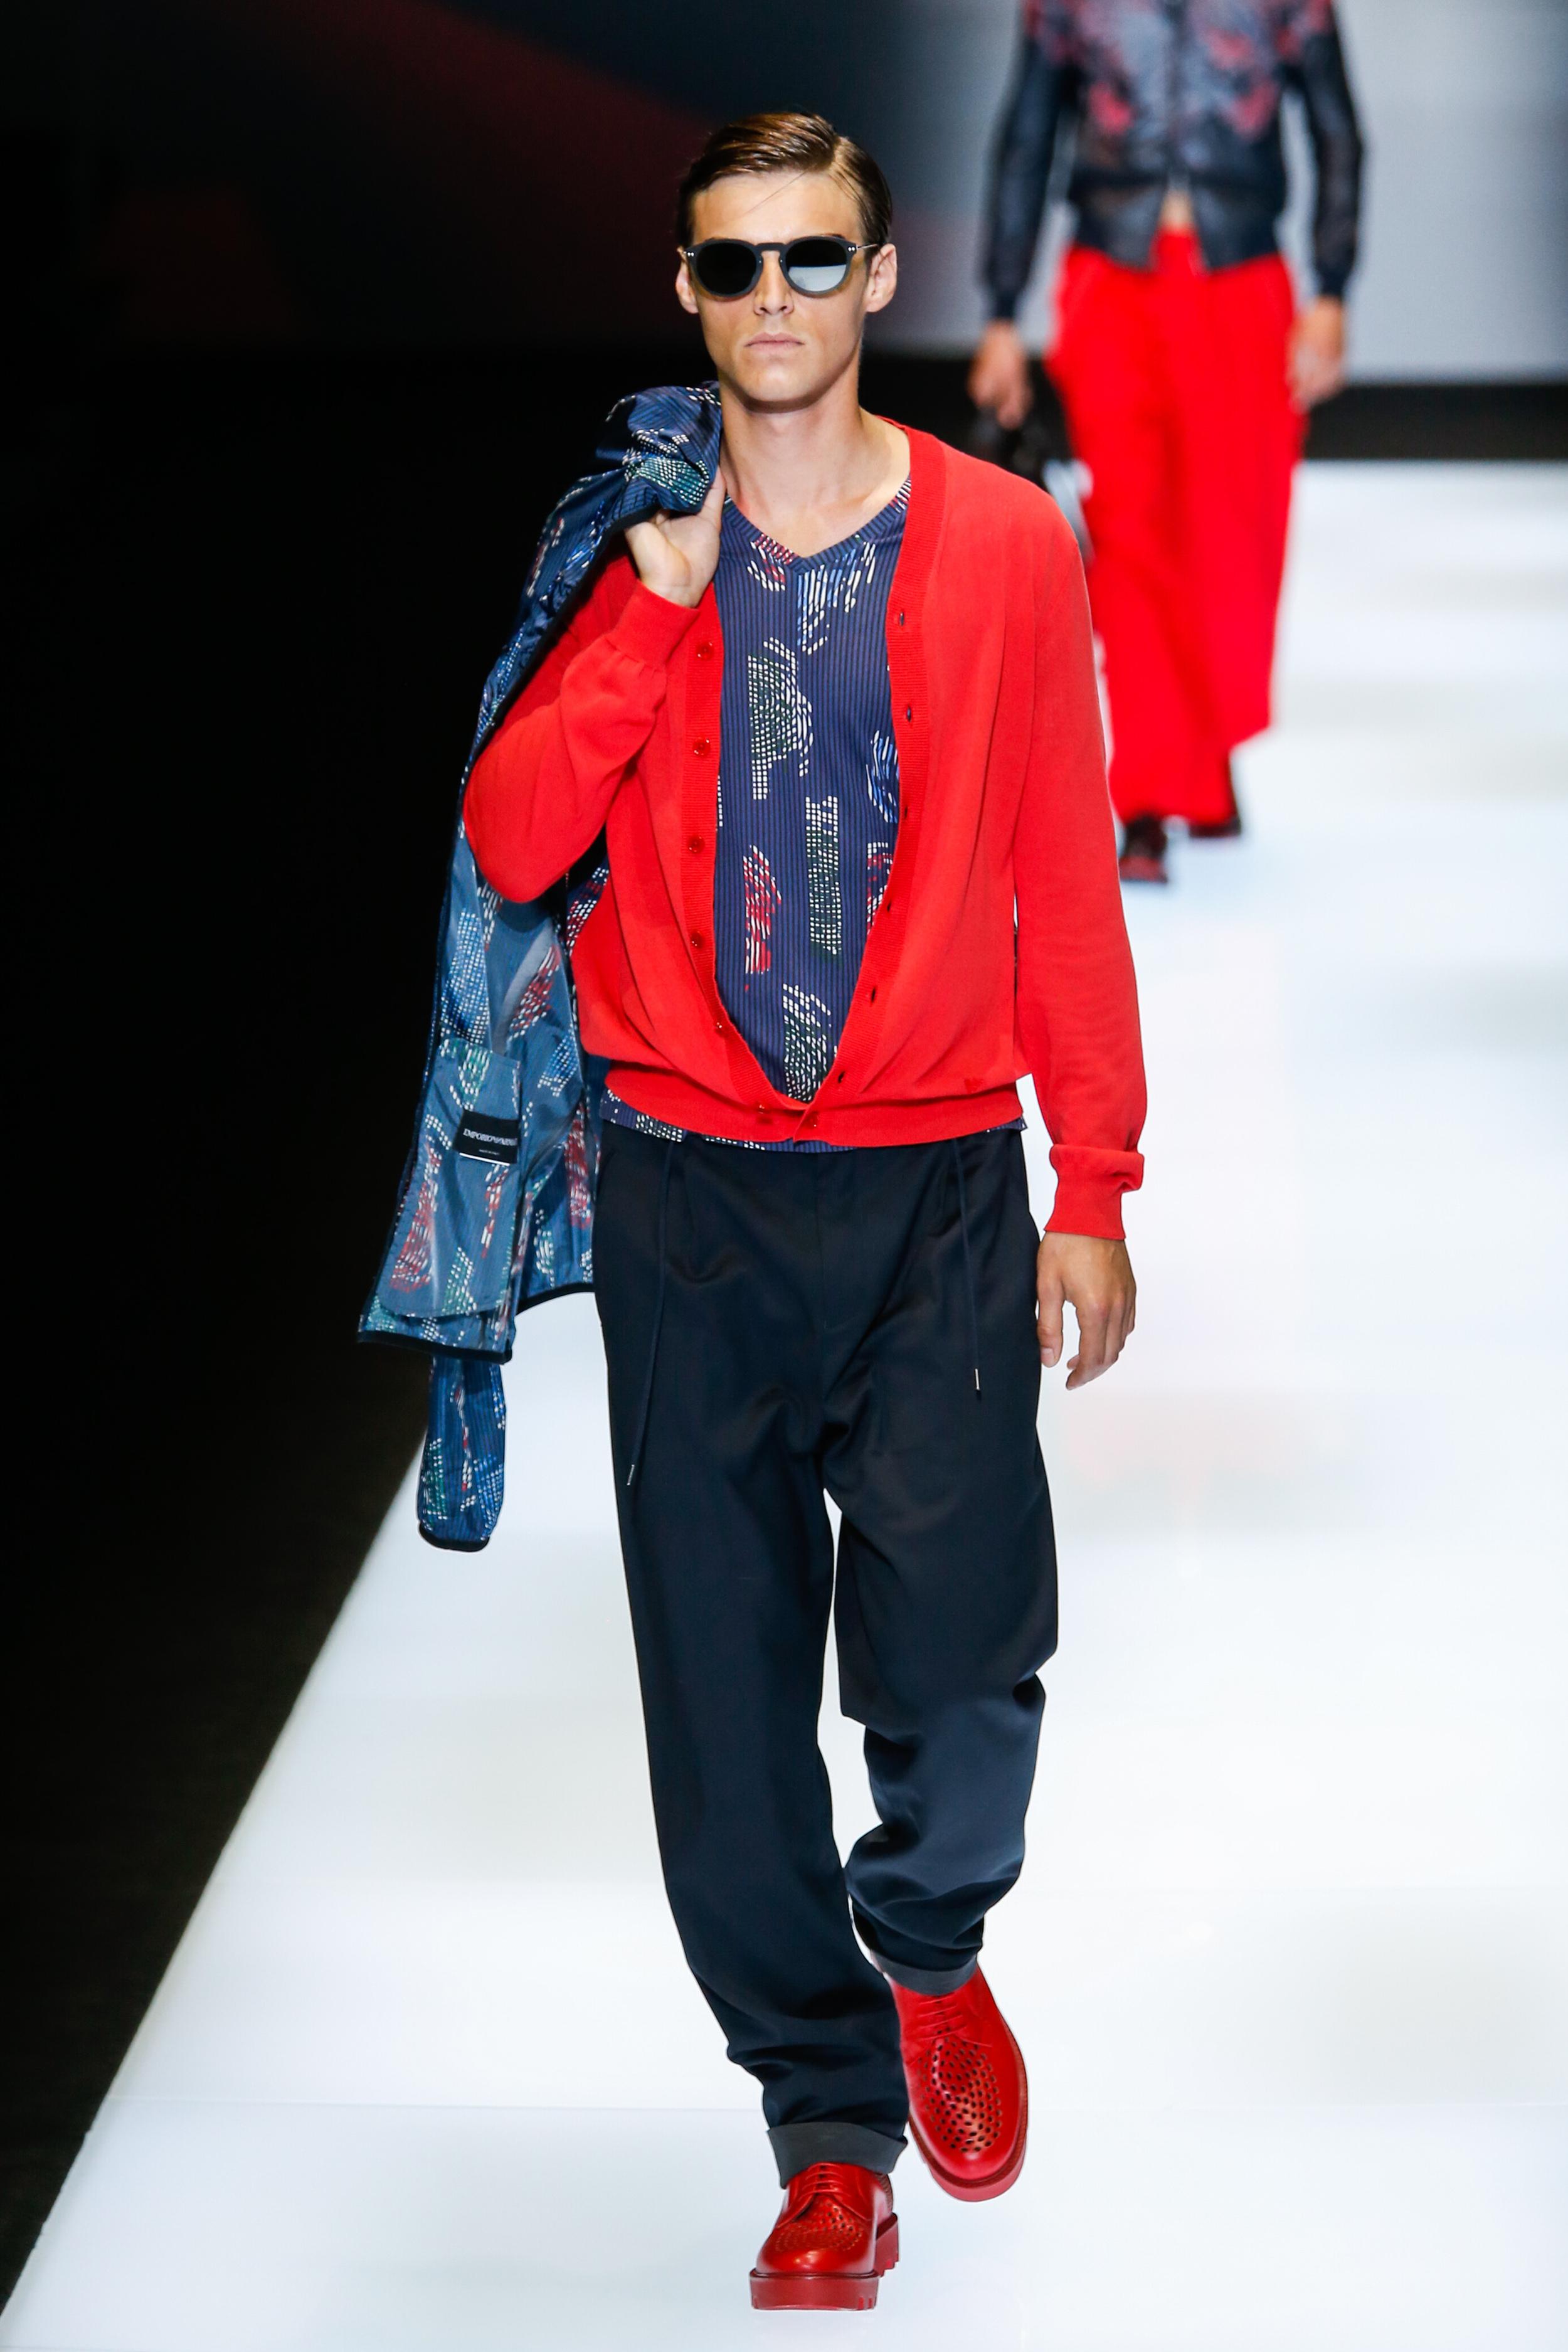 Milan Fashion Week Spring 2017: Stimmiger Look - Rote Strickjacke zu roten Herrenschuhen bei Emporio Armani